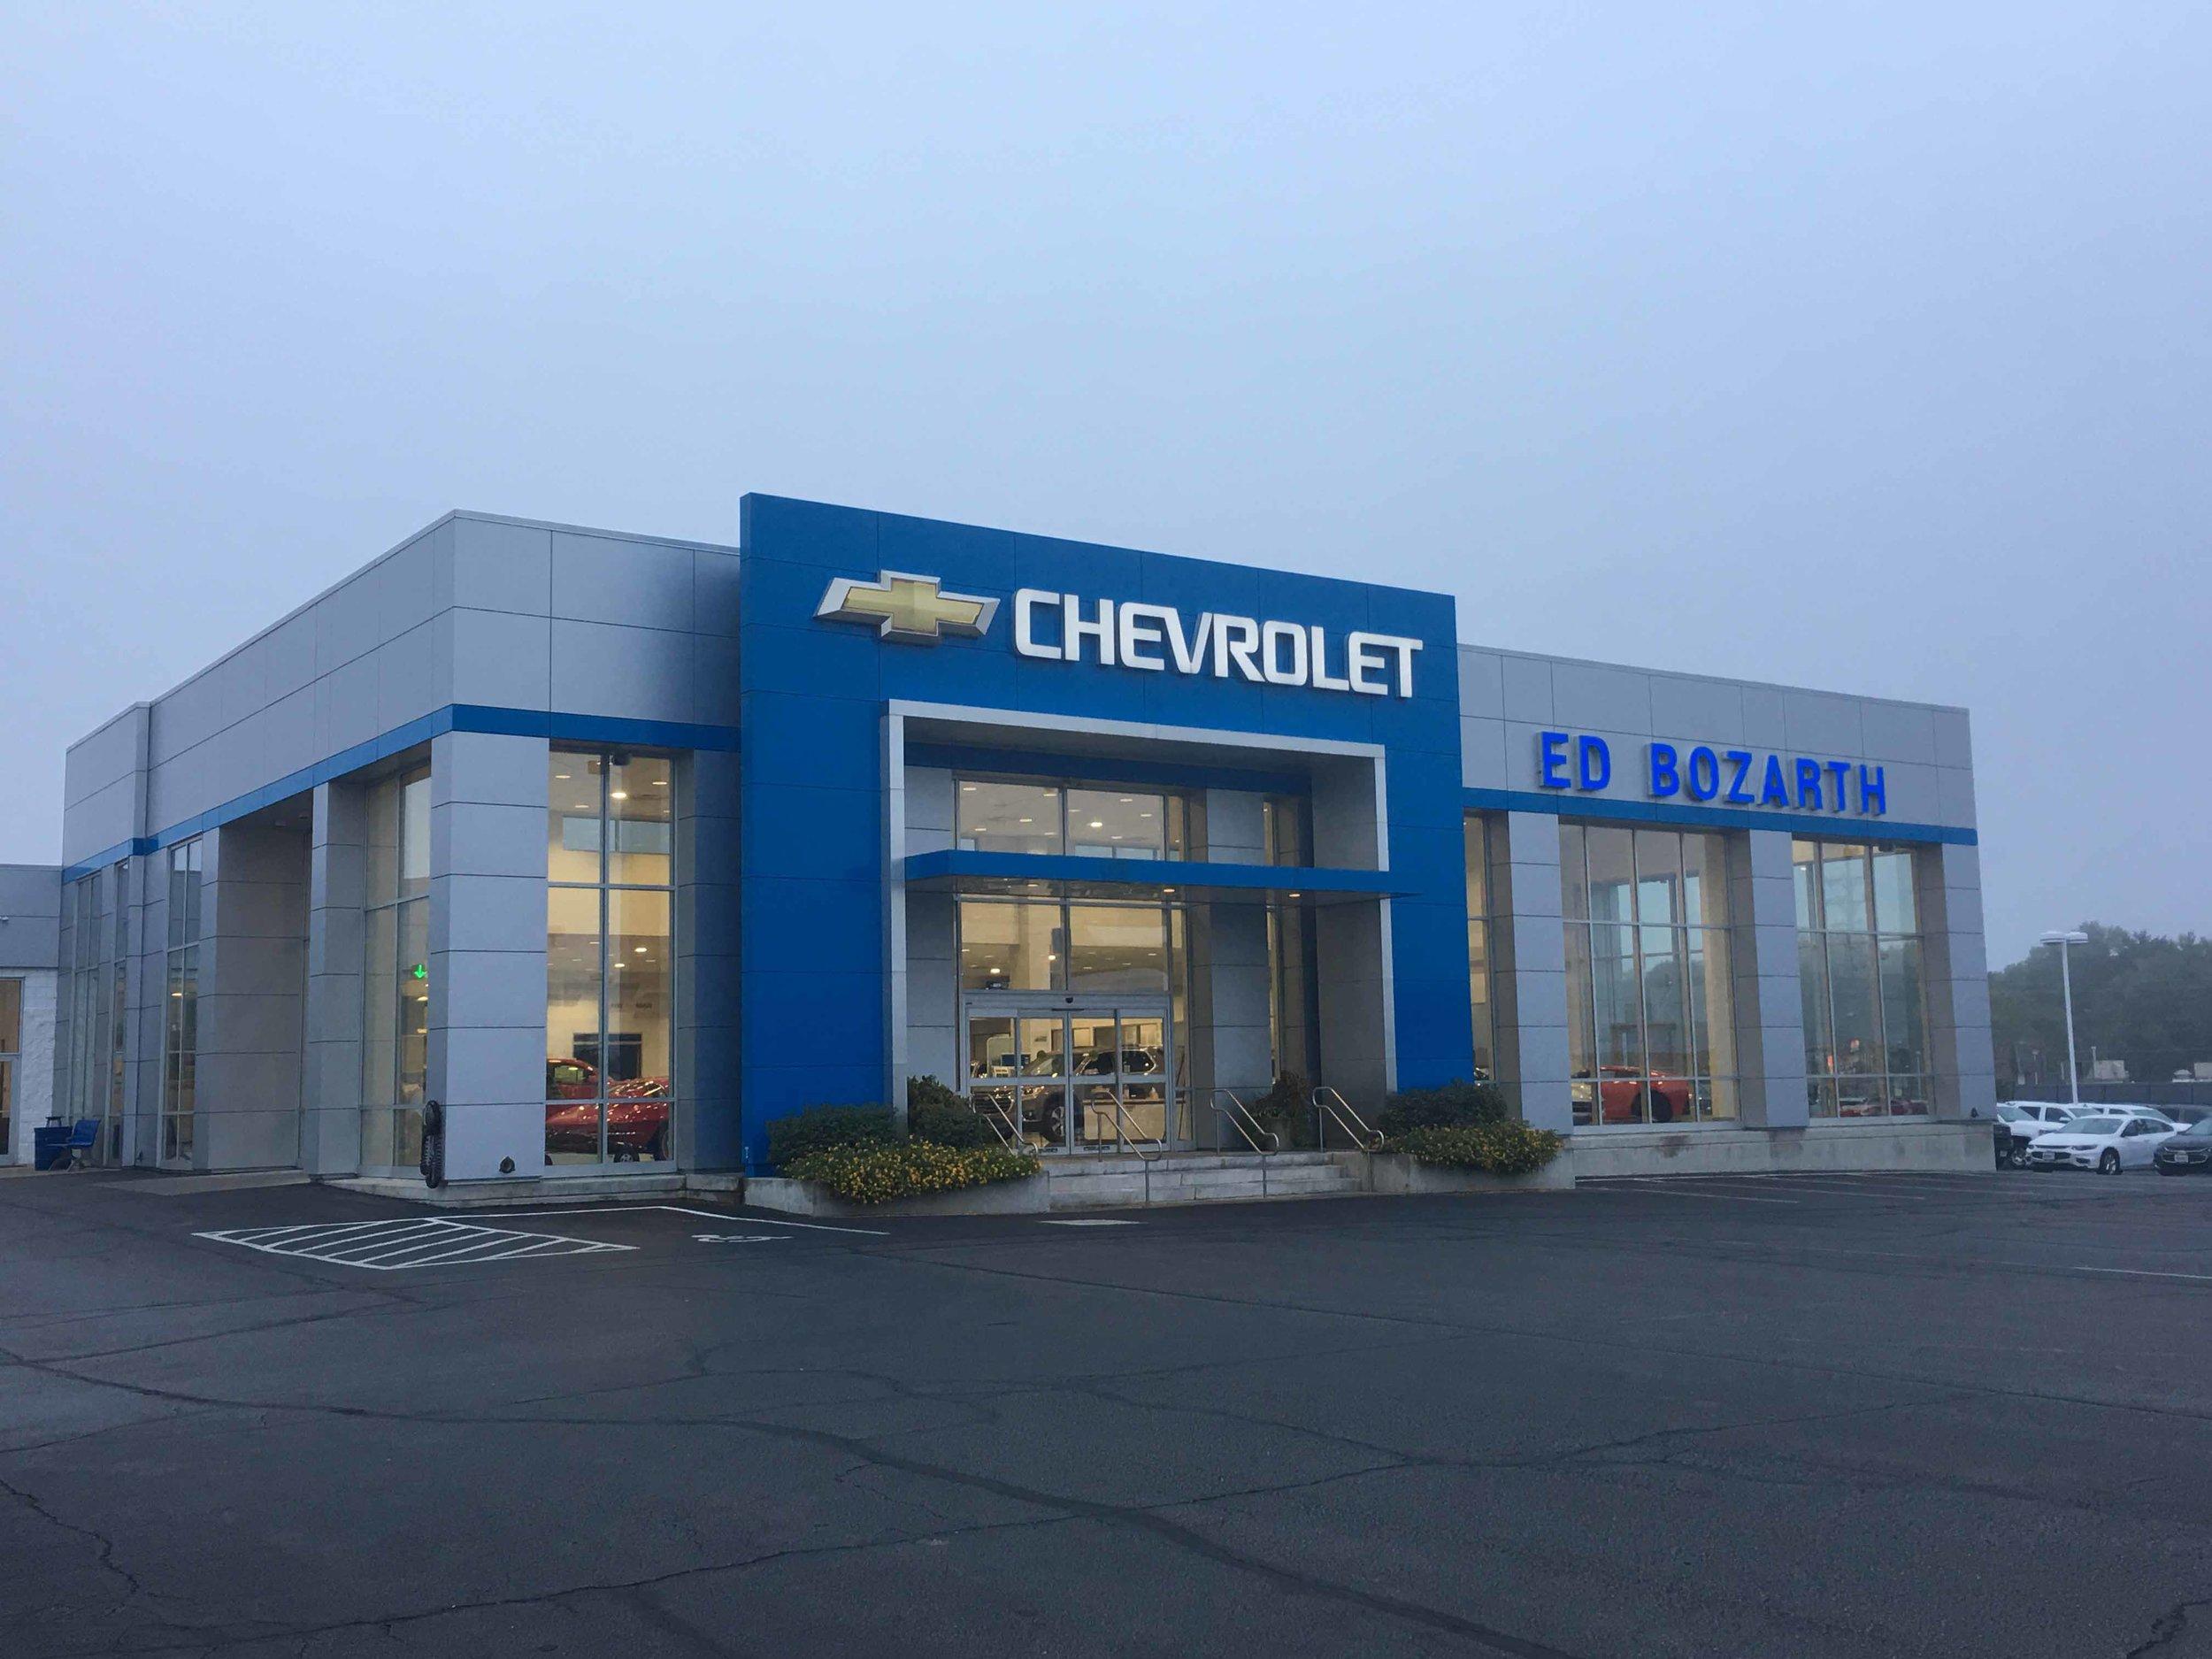 Ed Bozarth Chevy   Client: Ed Bozarth Automotive Architect: Architect One PA